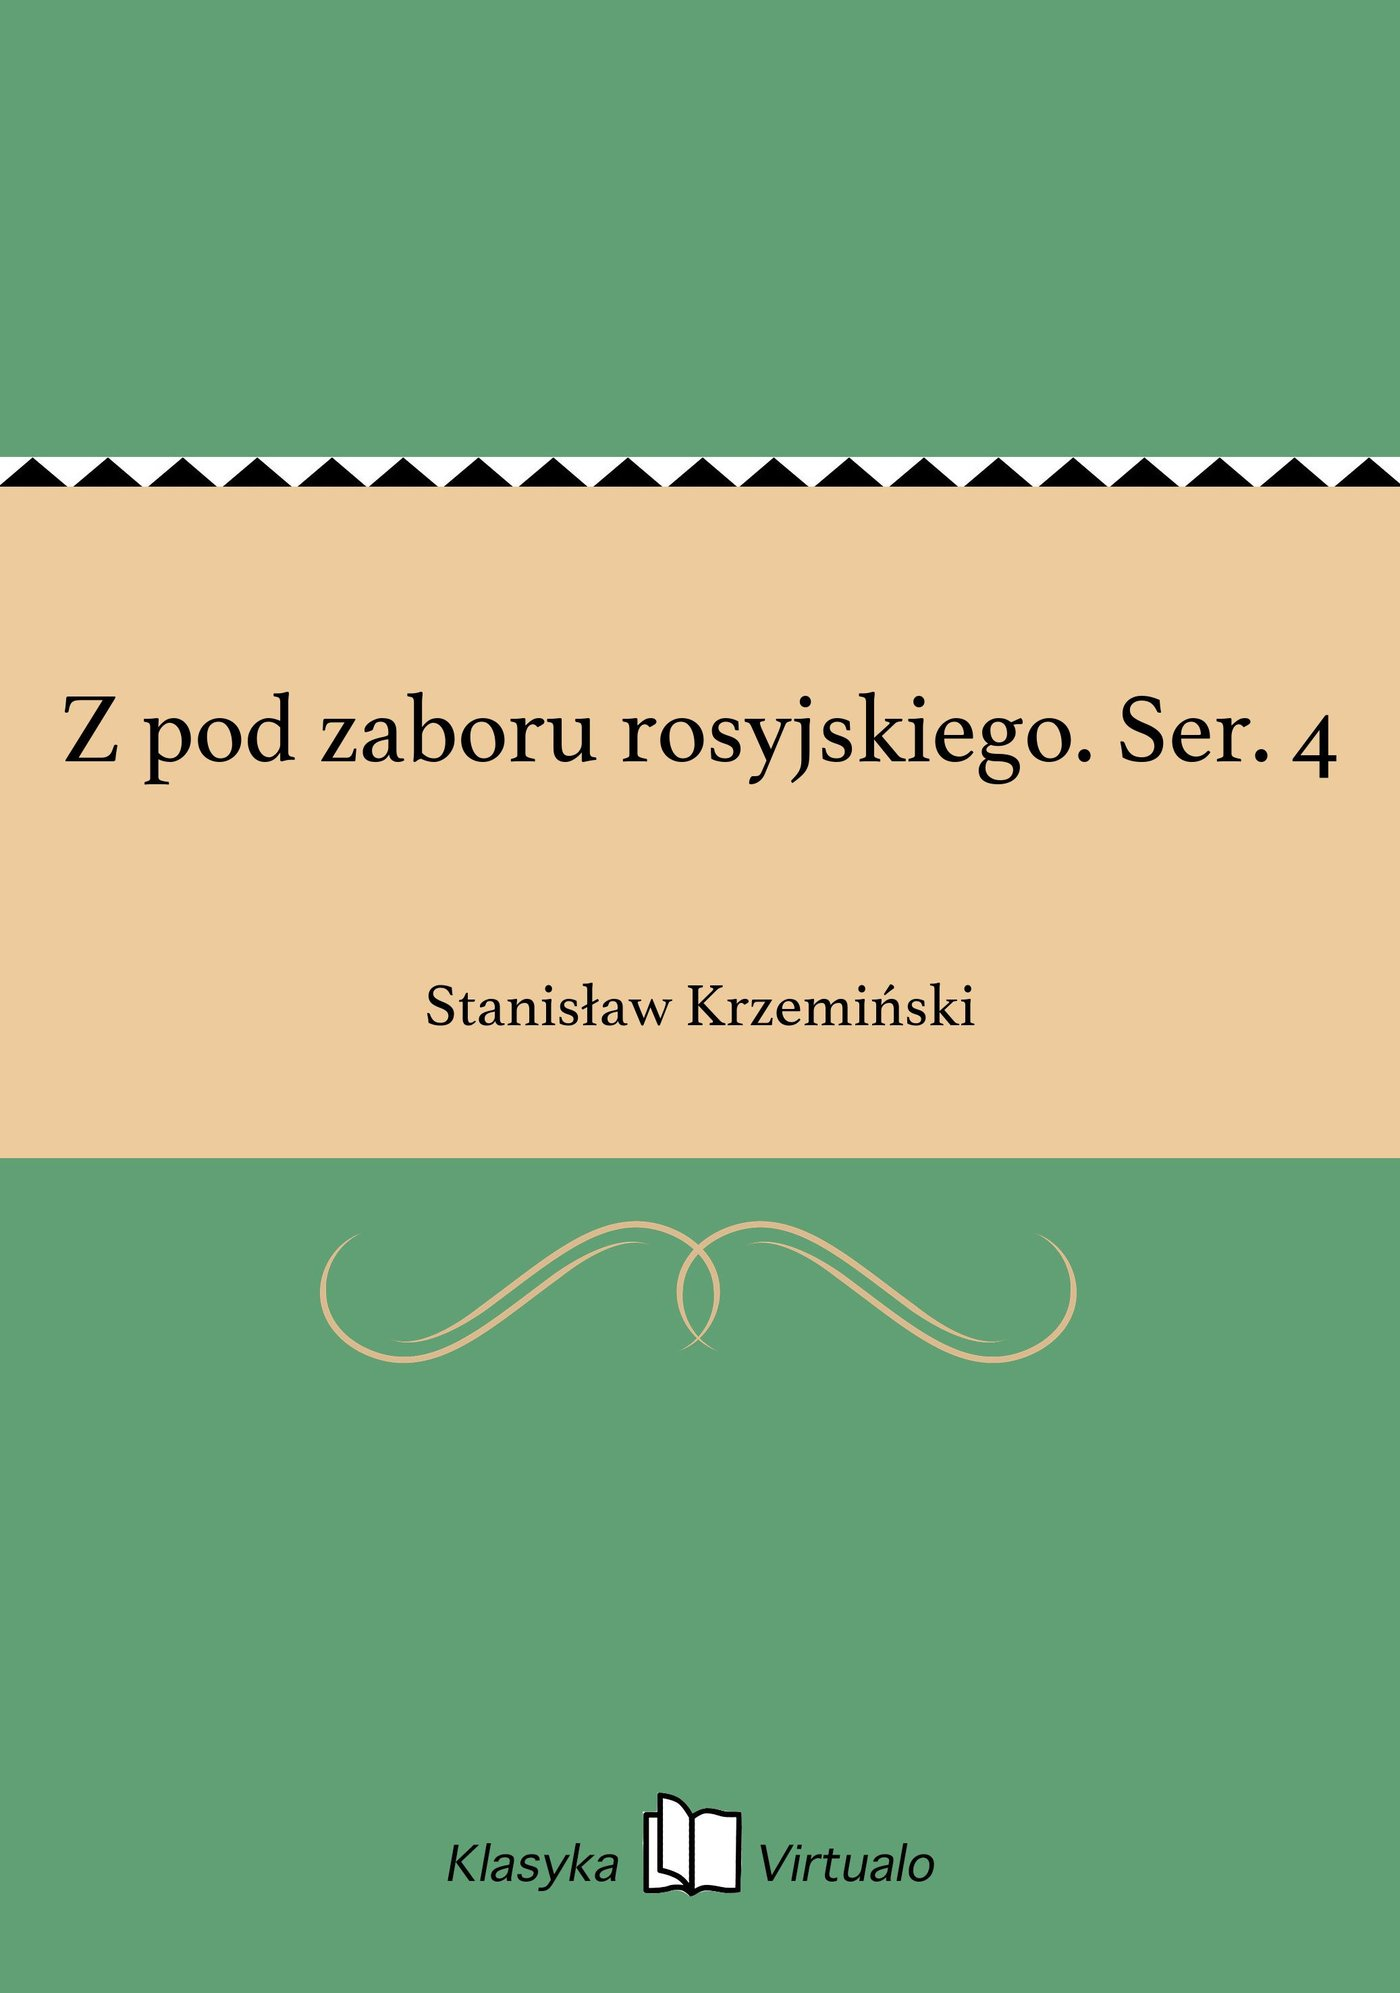 Z pod zaboru rosyjskiego. Ser. 4 - Ebook (Książka EPUB) do pobrania w formacie EPUB